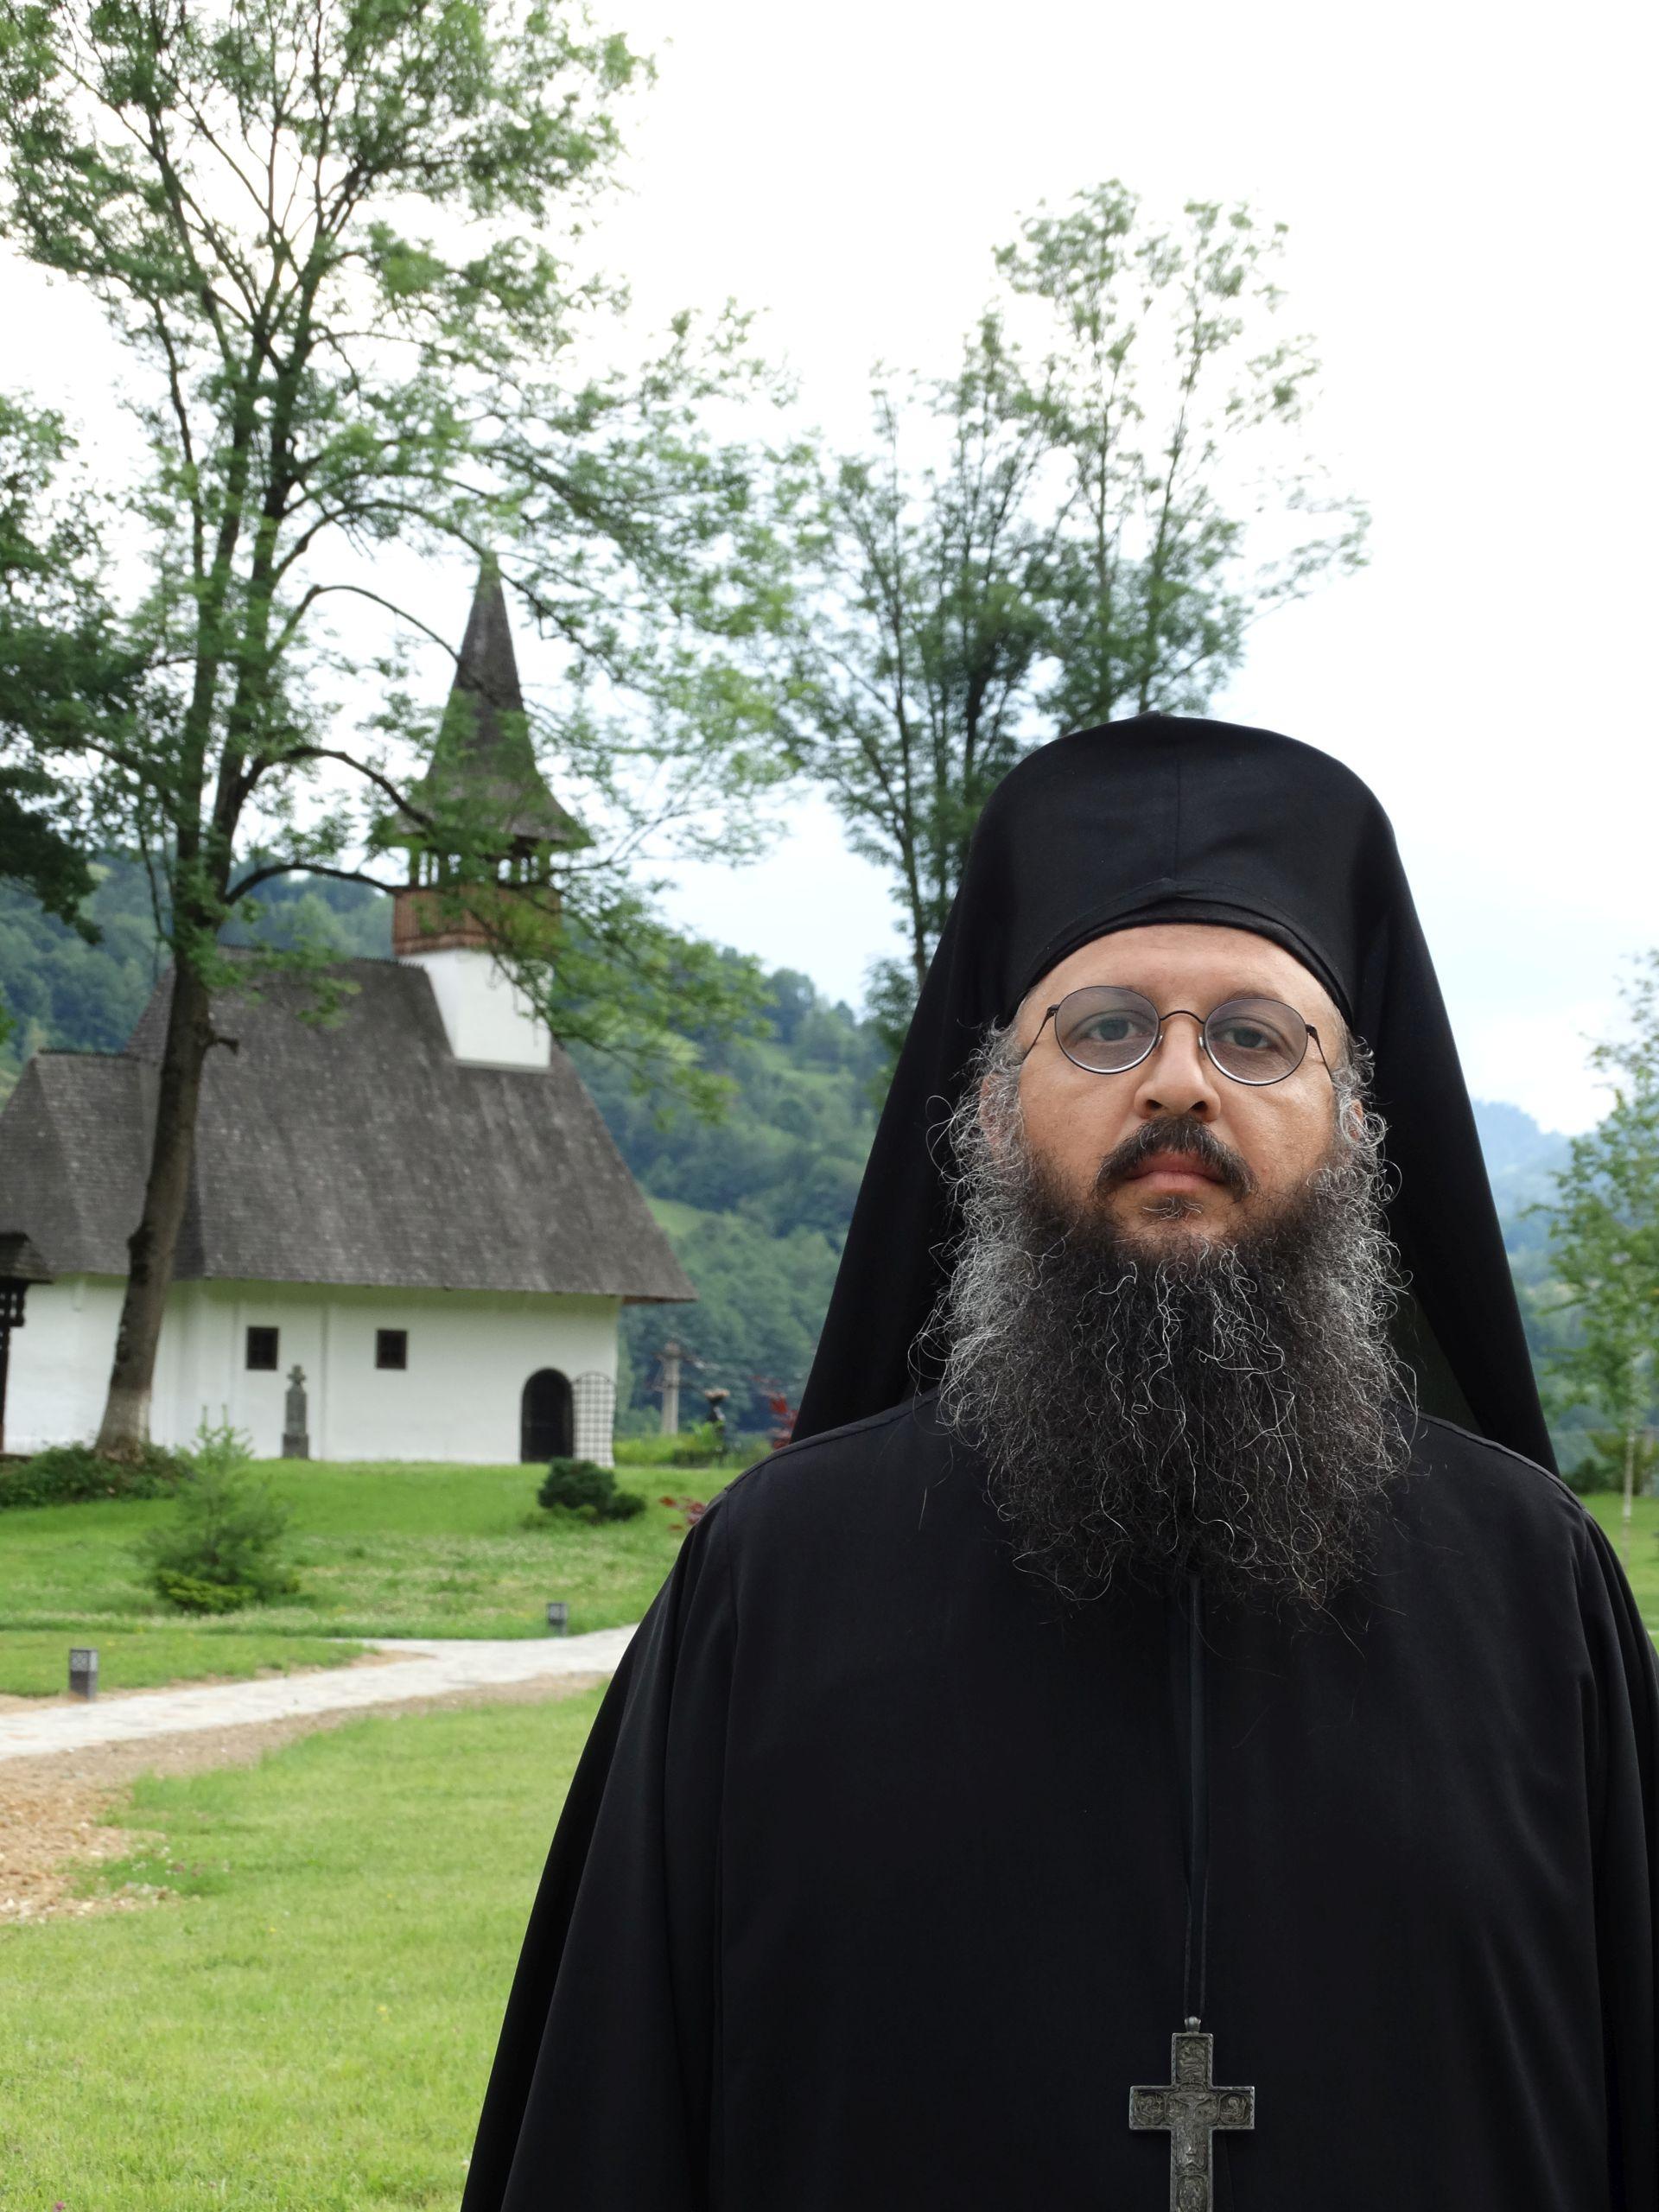 """PĂRINTELE MELHISEDEC DE LA LUPȘA în """"Familia ortodoxă"""": <i>""""ÎMPRĂȘTIEREA ne face să fim superficiali. DUREREA ne ajută să ne întoarcem spre noi înşine şi să ne descoperim inima noastră""""</i>"""